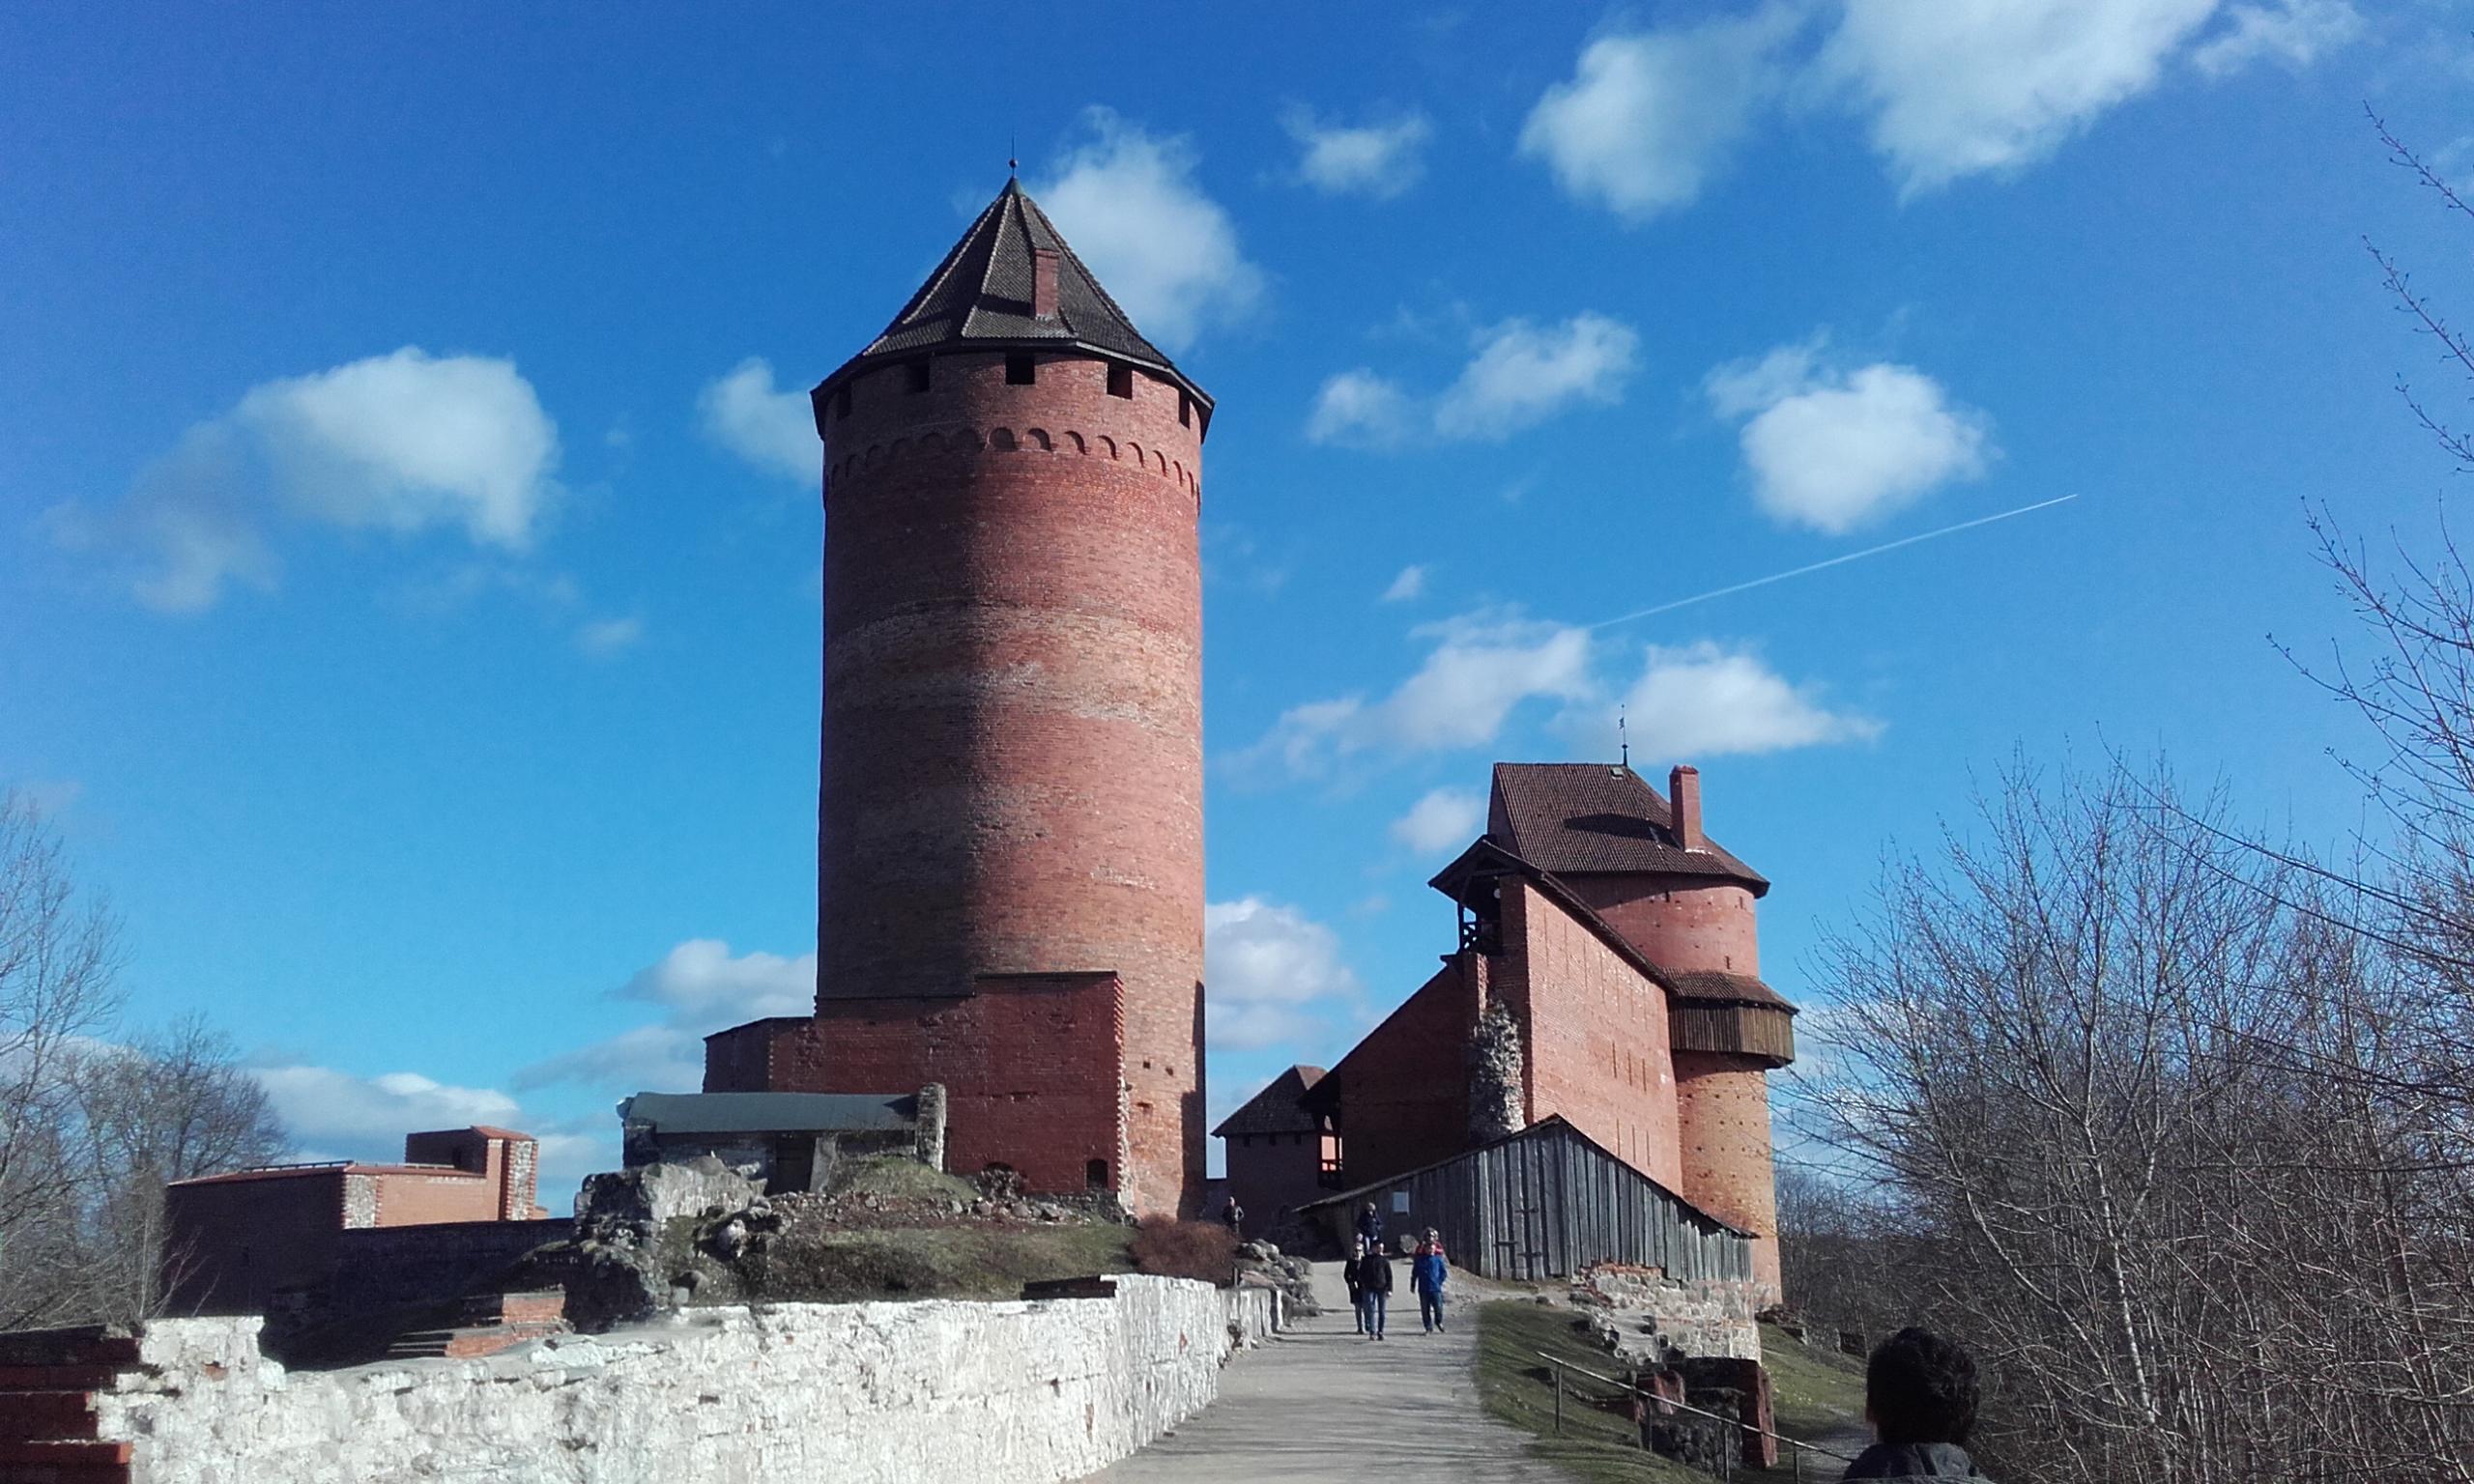 Torre mirador del Castillo de Turaida